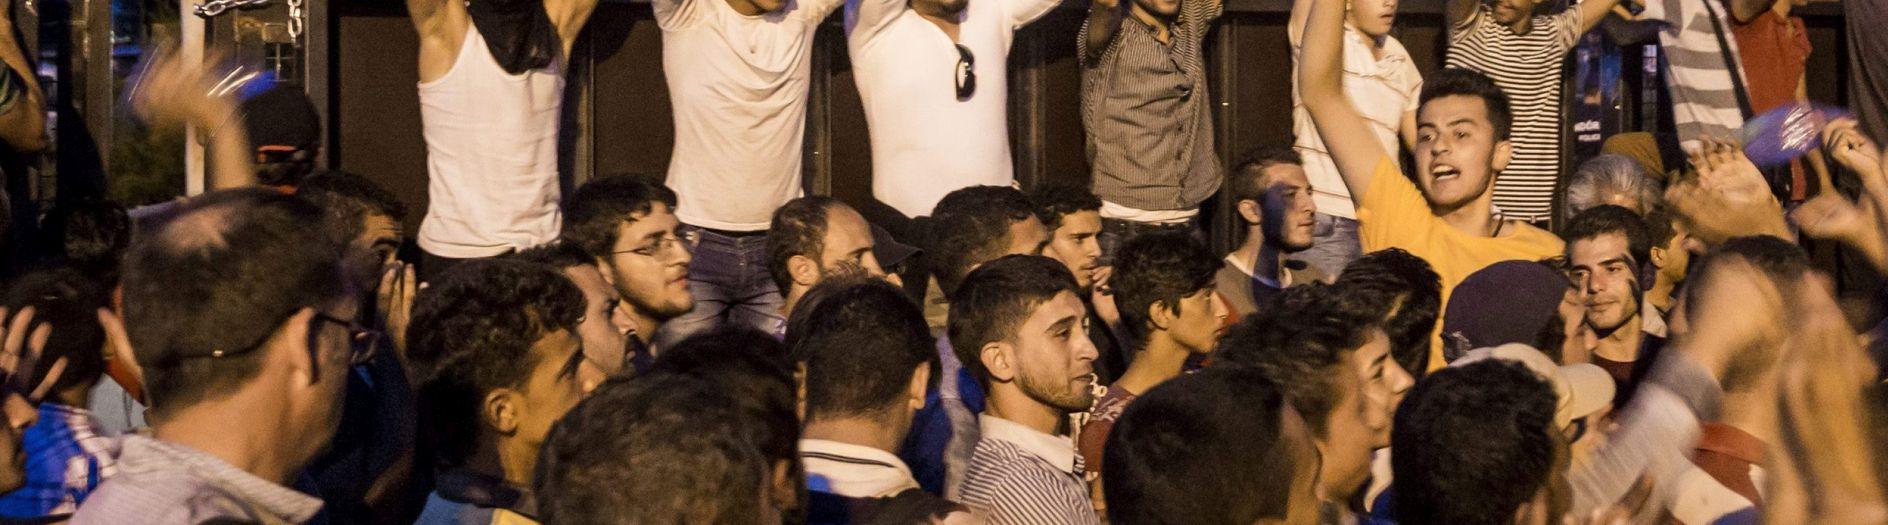 Pusić kaže da se Hrvatske ne može nositi s desecima tisuća ljudi